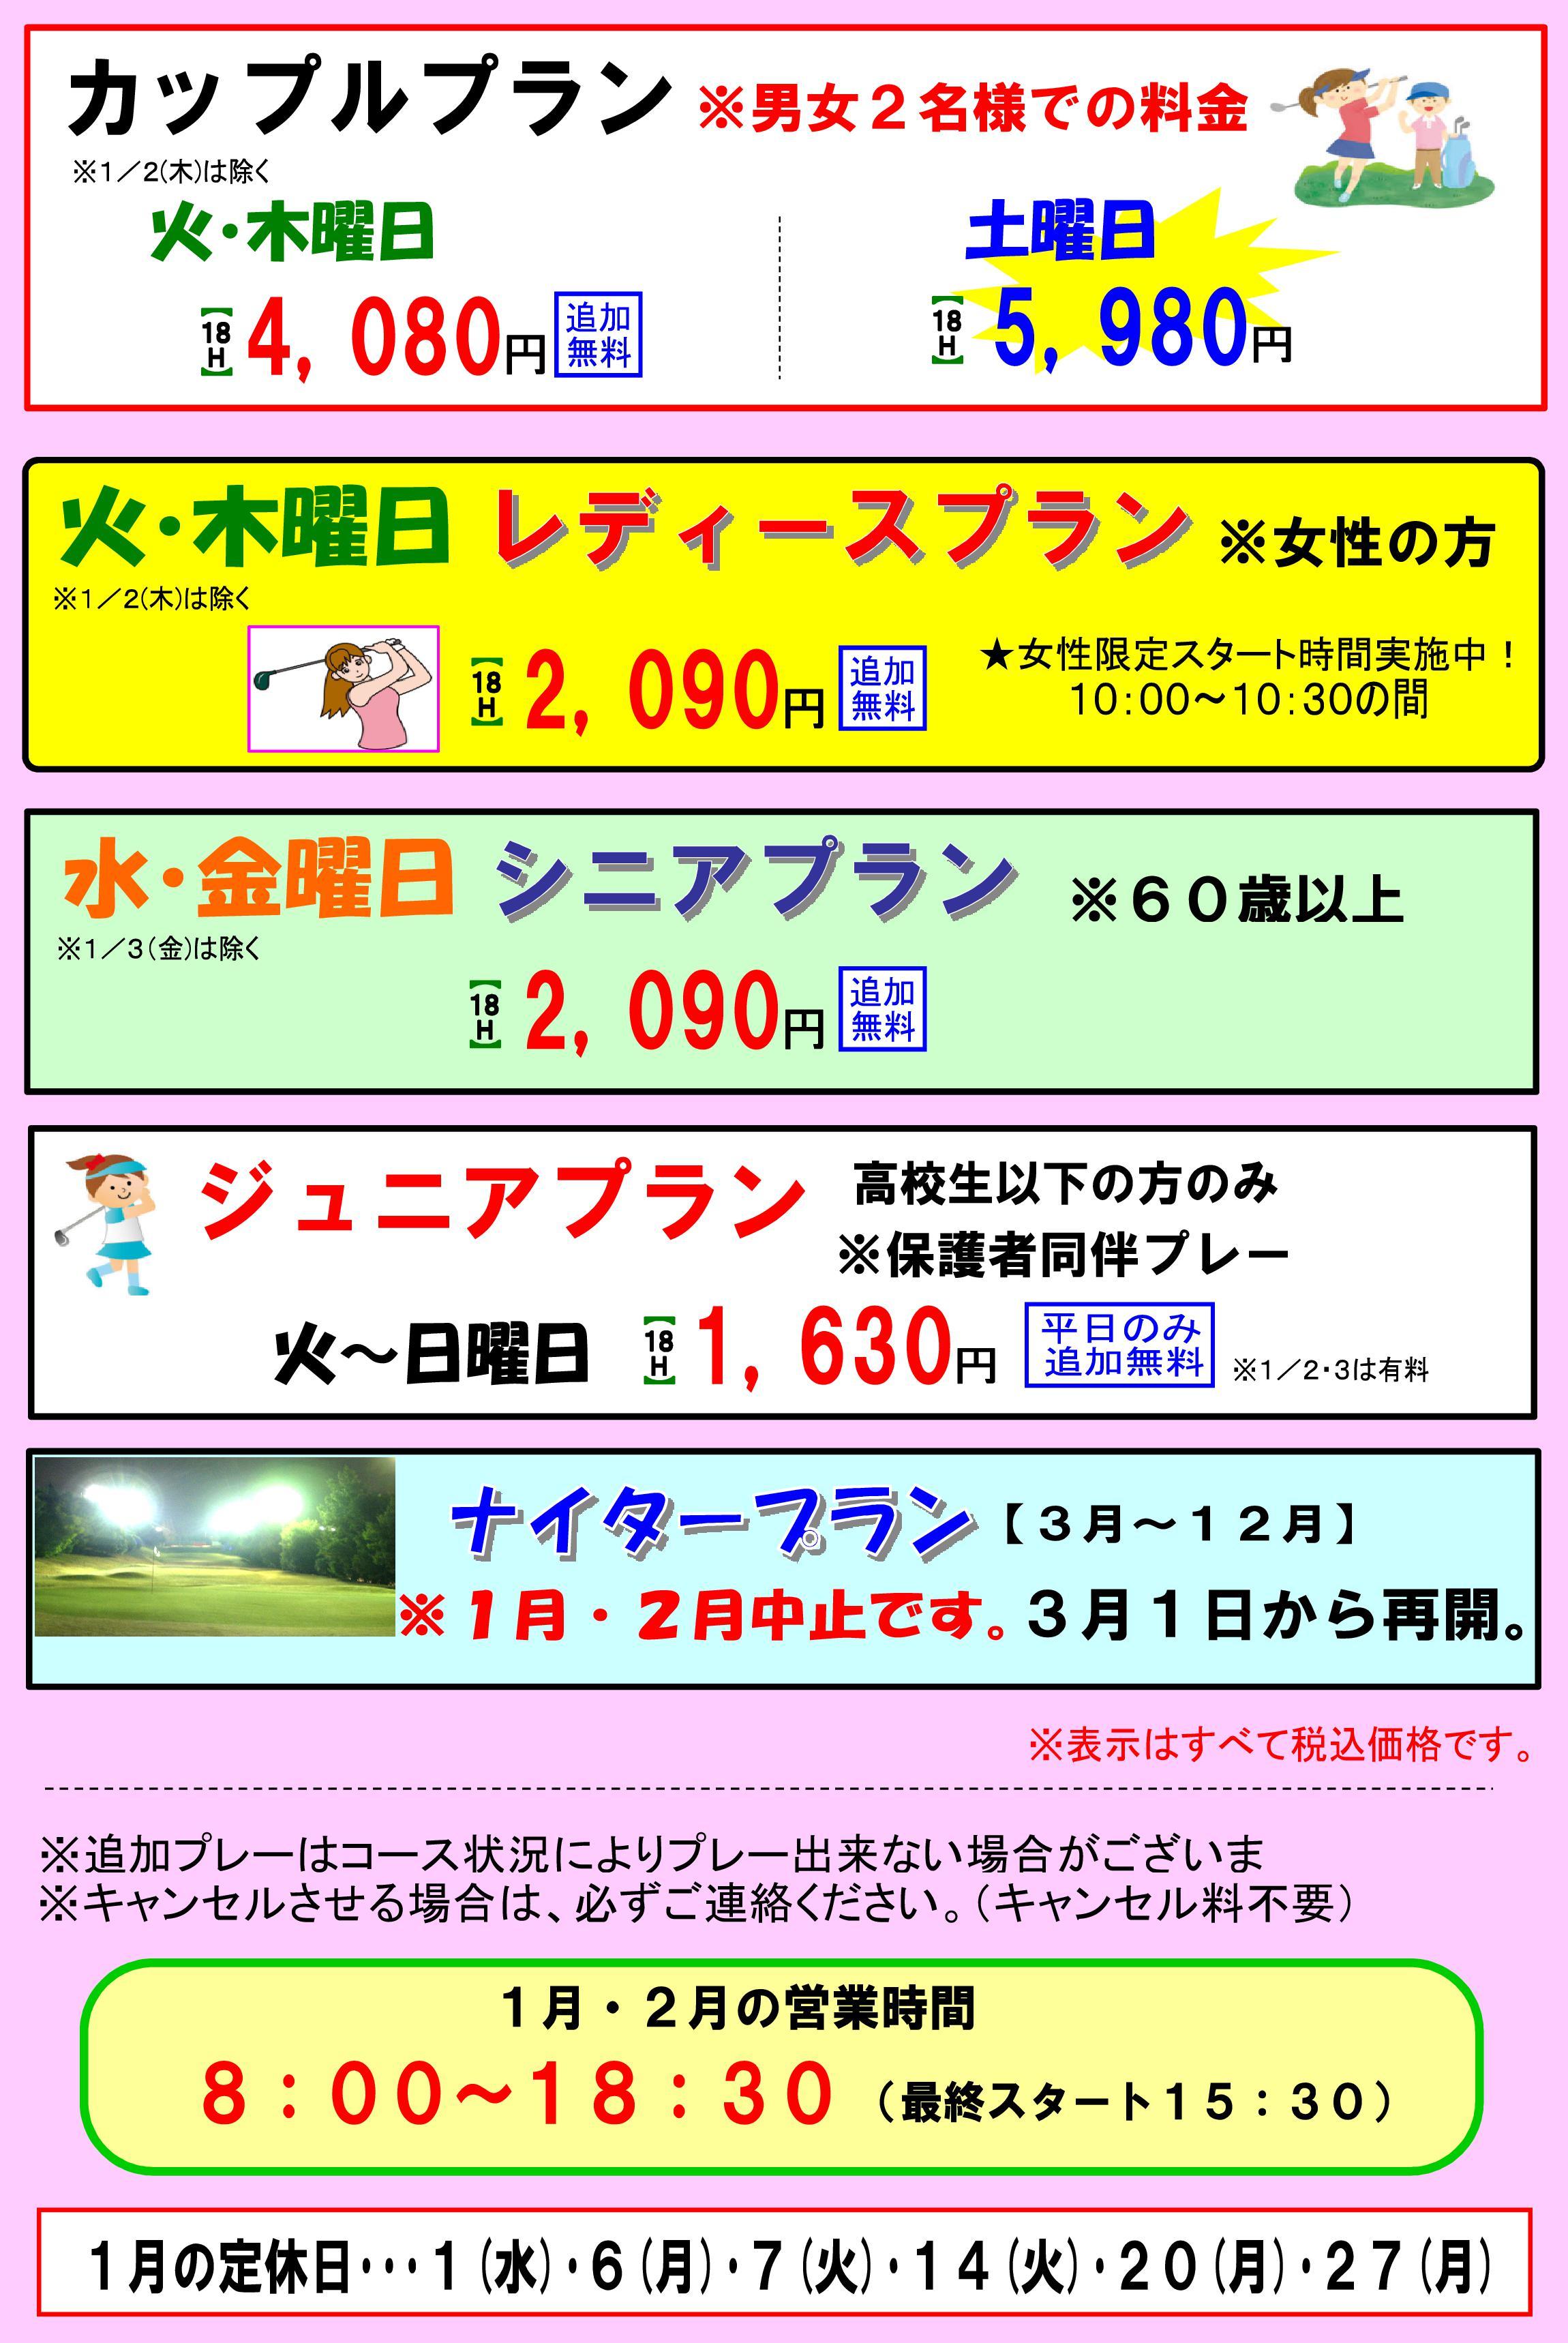 割引料金2019 HPアップ用-002